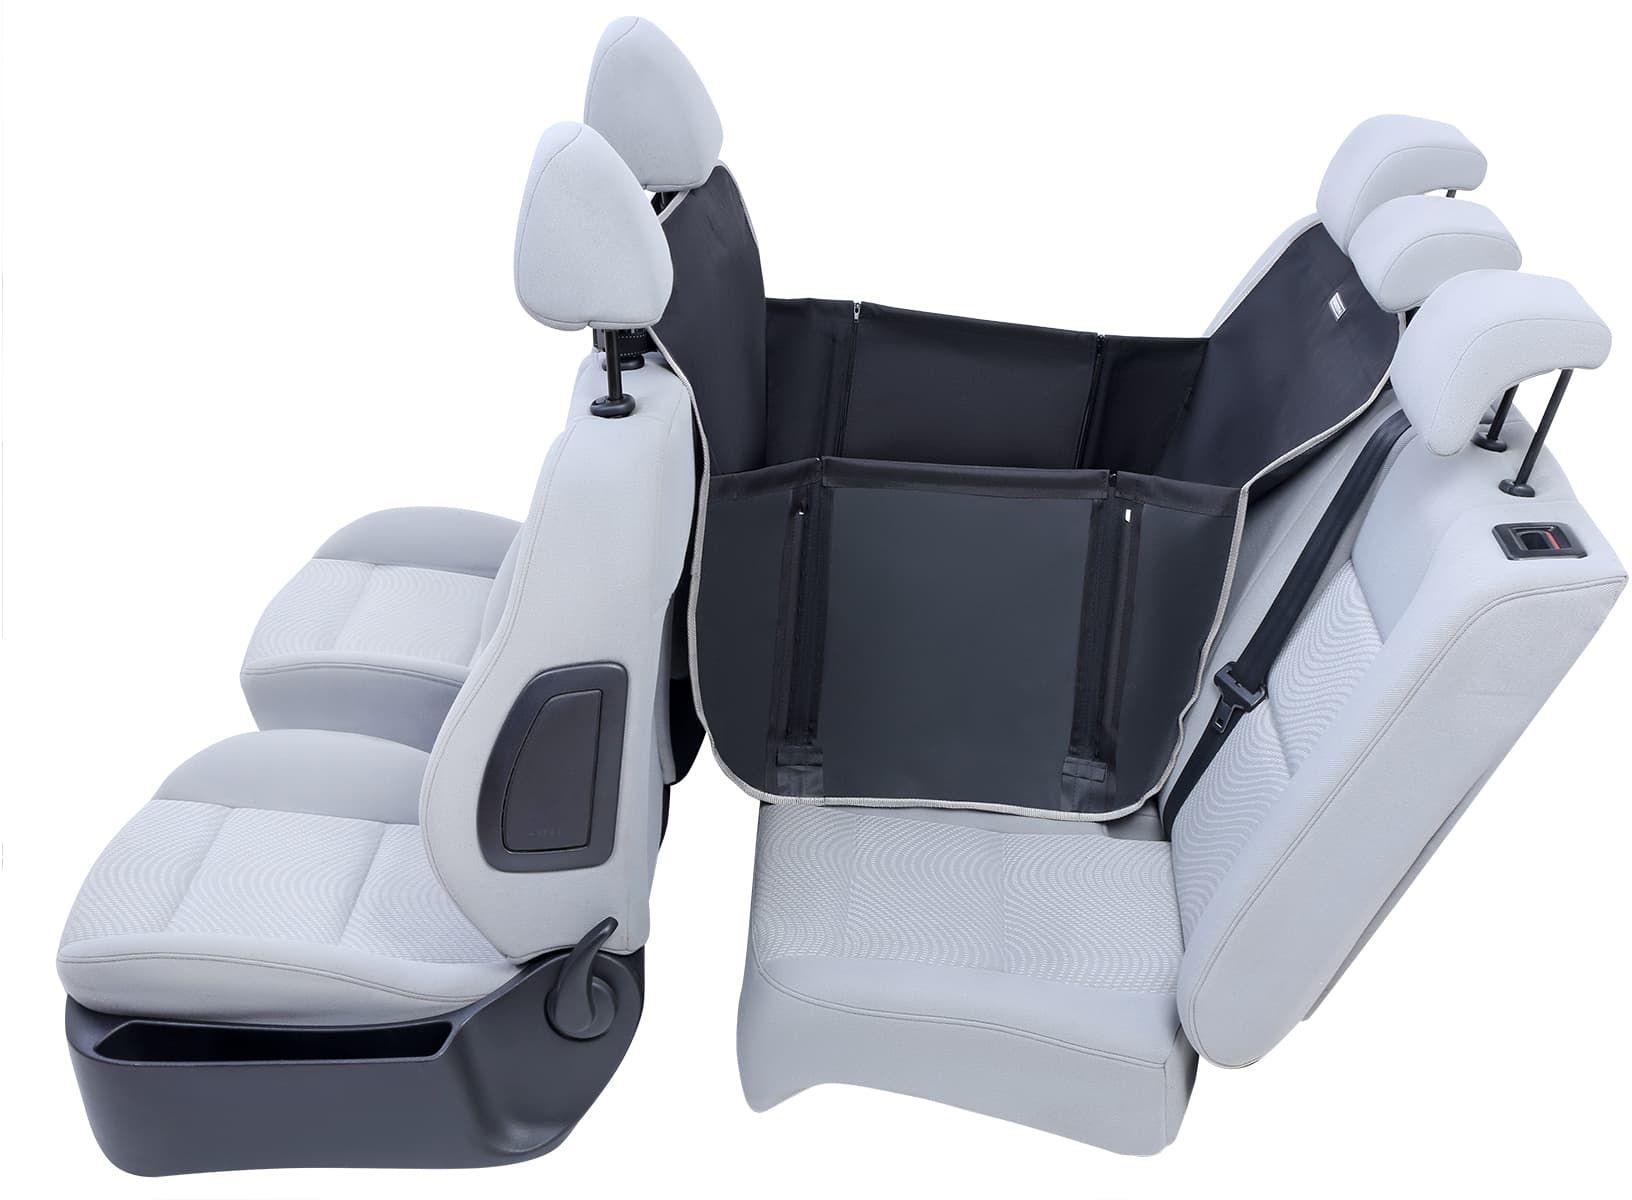 Mata samochodowa  Kardimata Anti Slip MINI czarna ( na część kanapy)